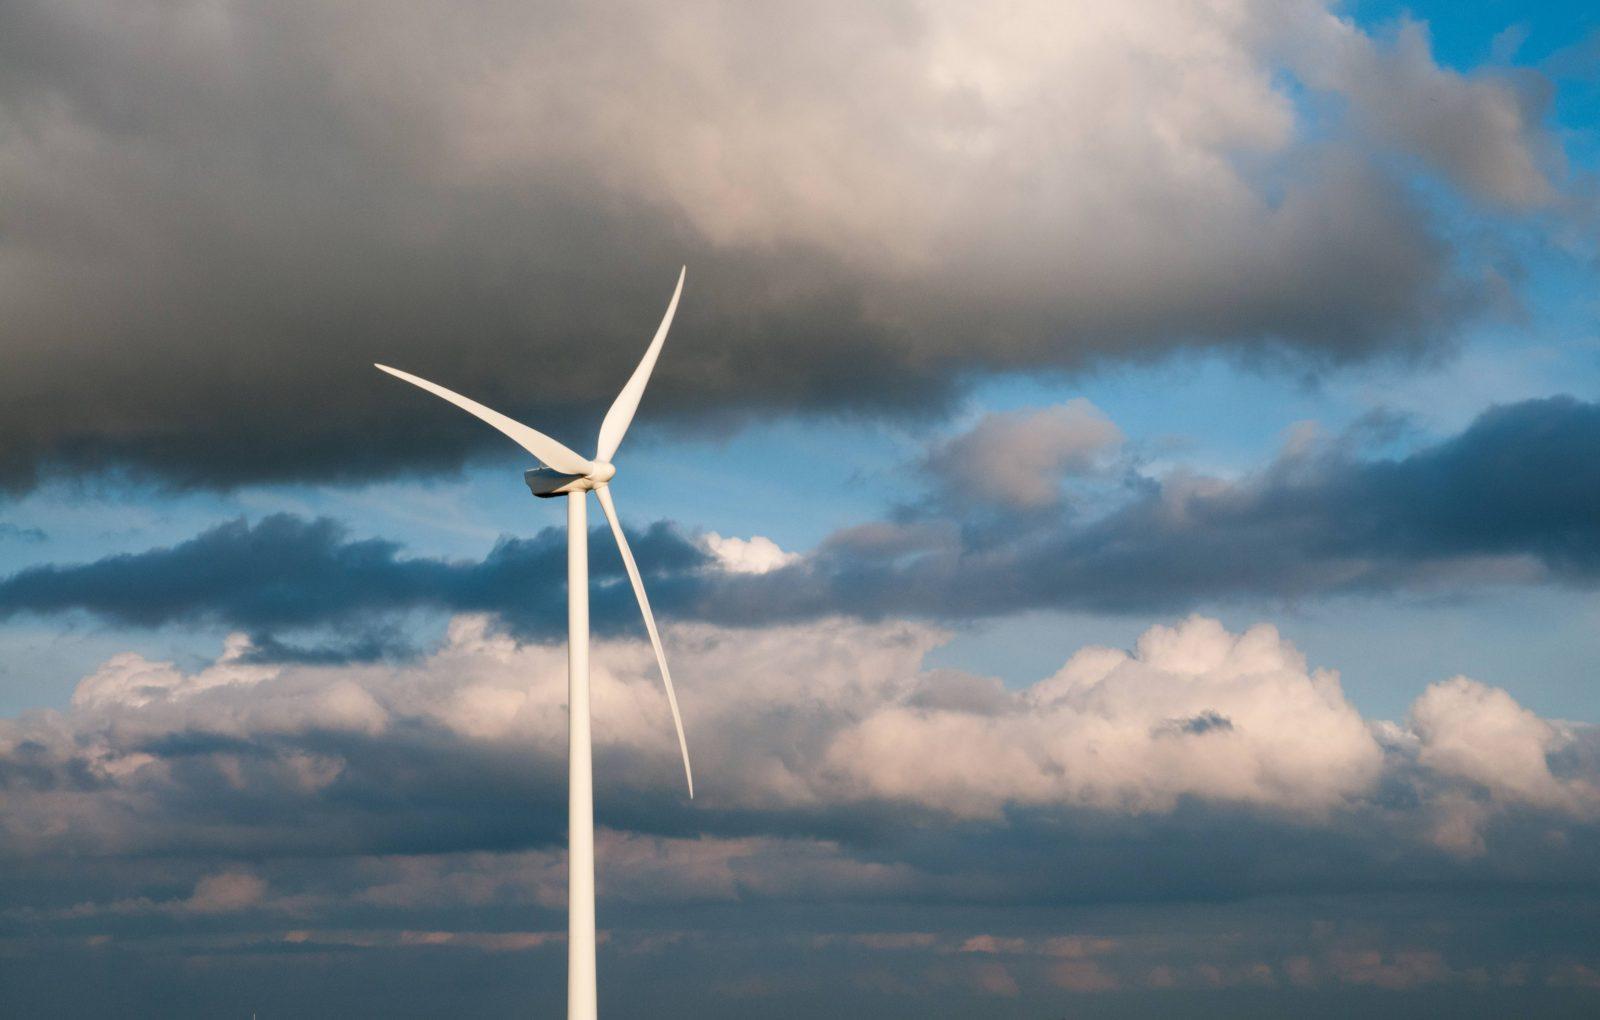 Wind turbine cloudy sky